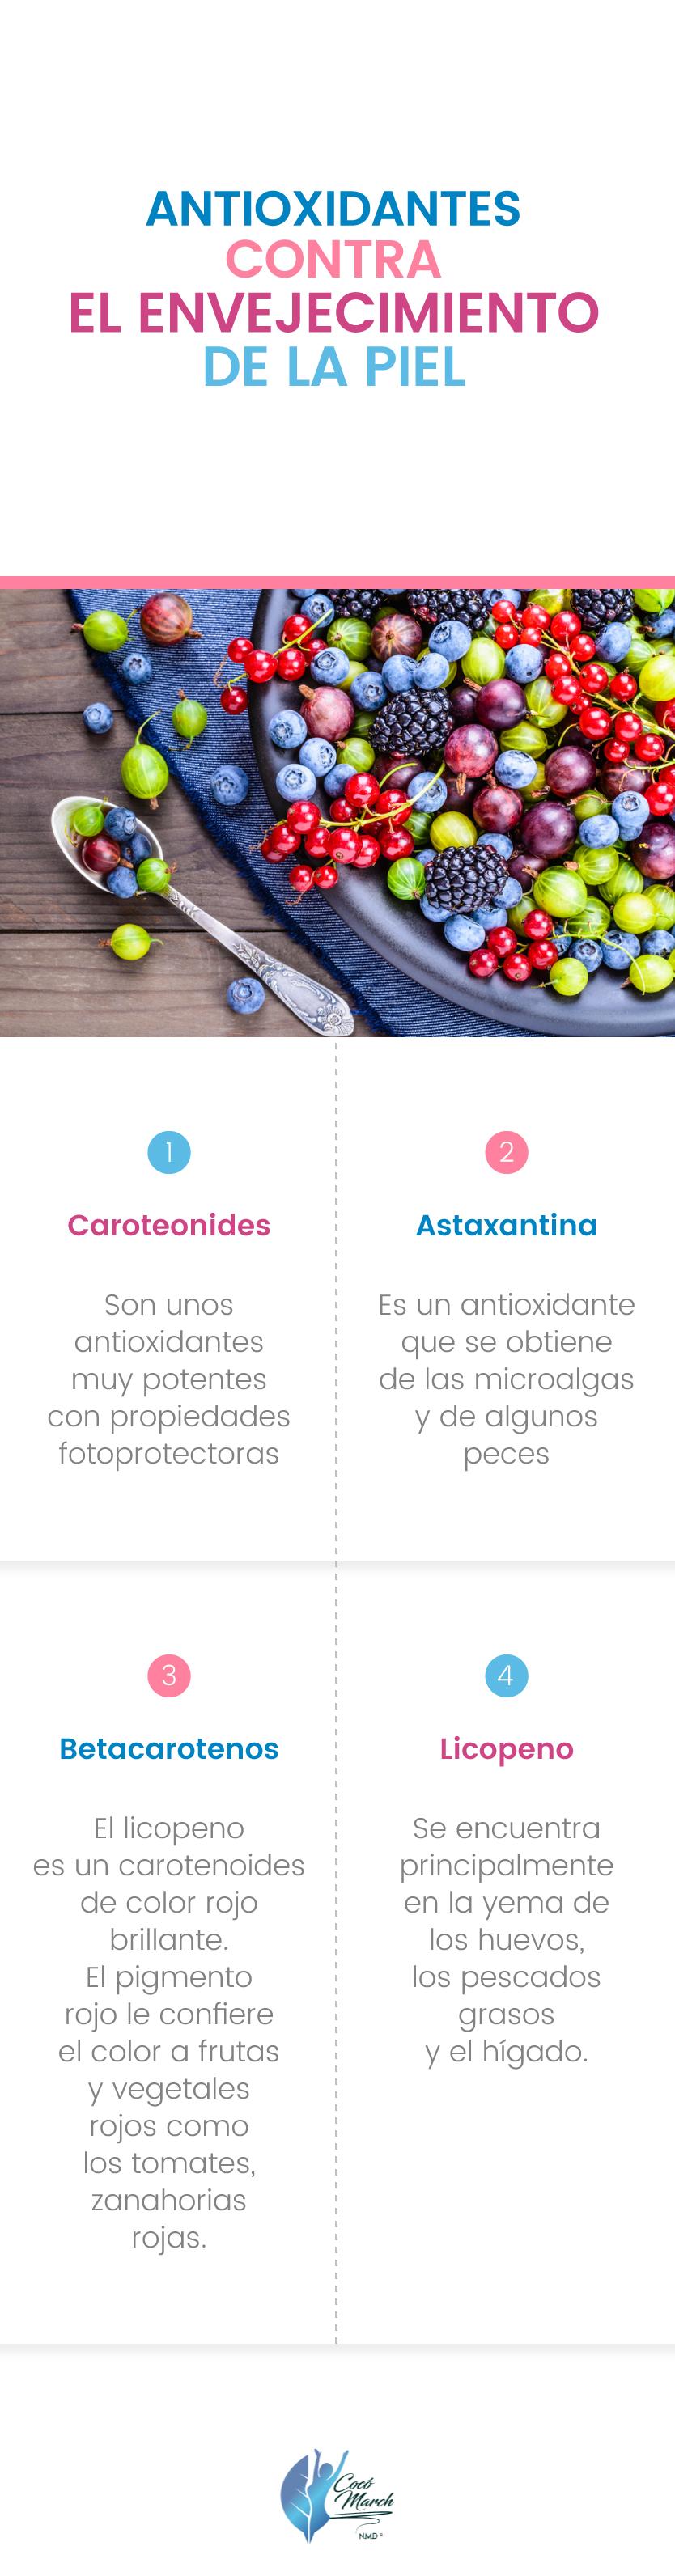 antioxidantes-contra-el-envejecimiento-de-la-piel